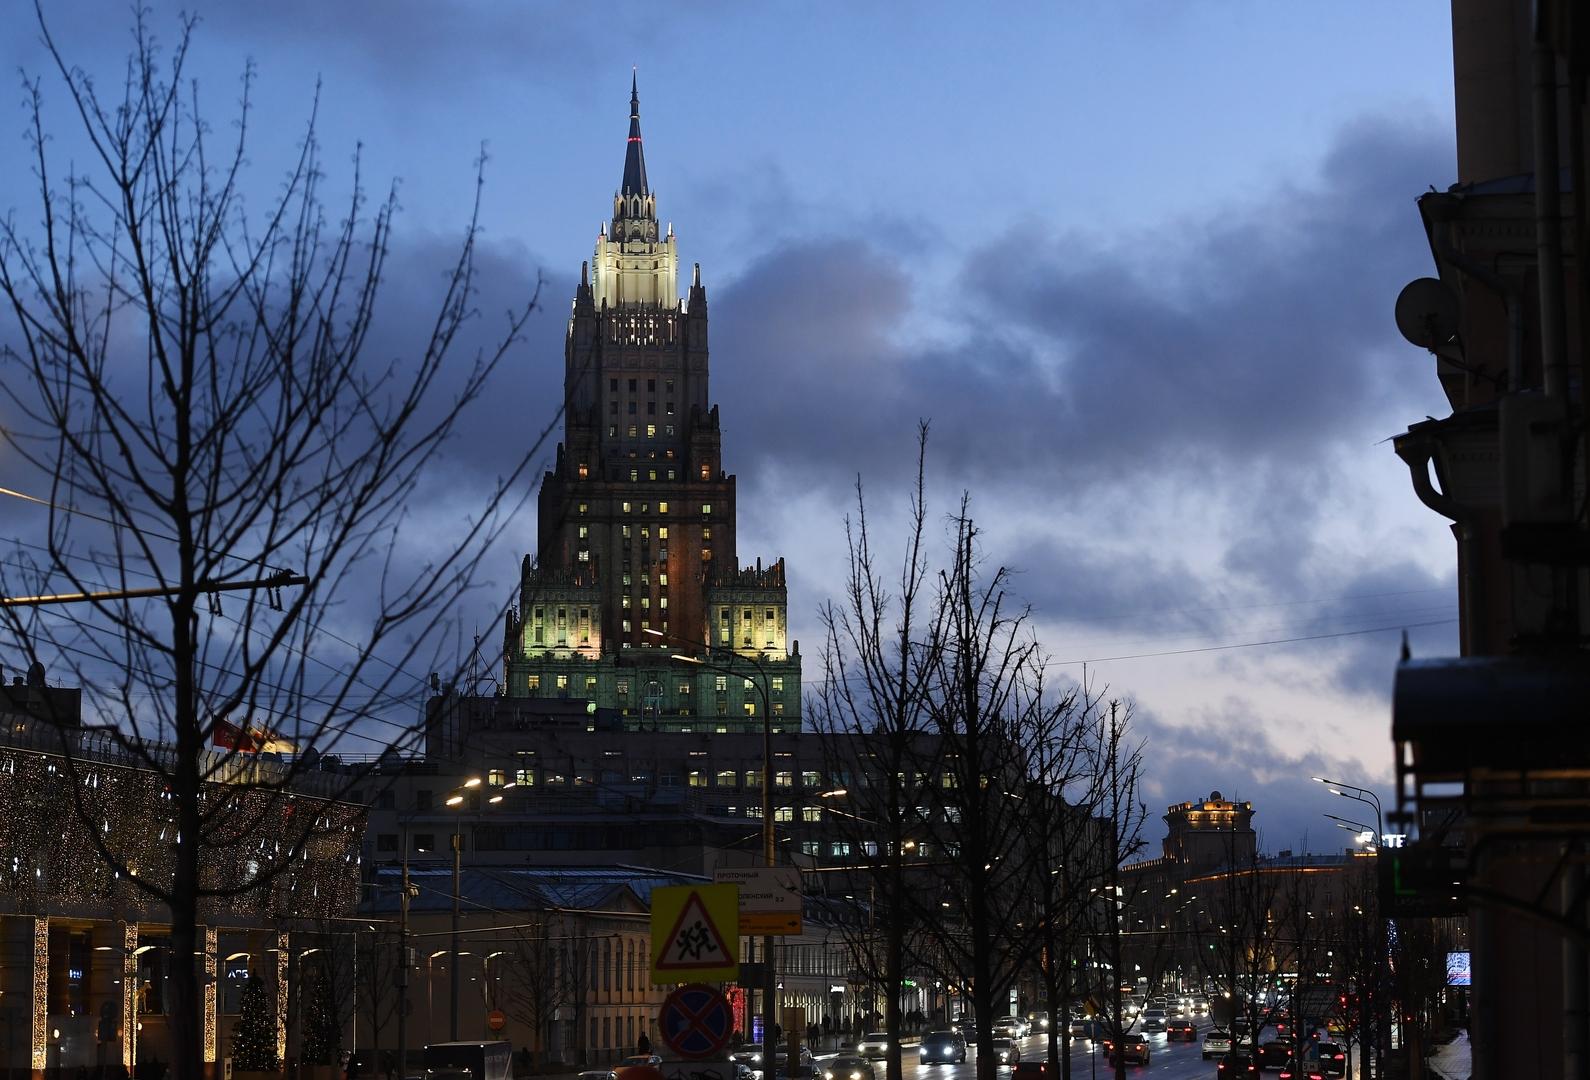 الخارجية الروسية: نأمل في امتناع الولايات المتحدة وإيران عن شن هجمات جديدة